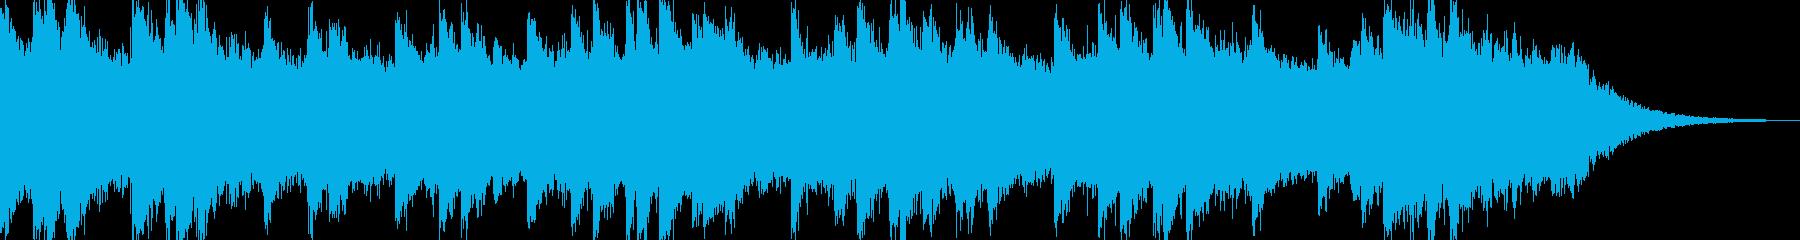 きよしこの夜 【シンプルvr】の再生済みの波形